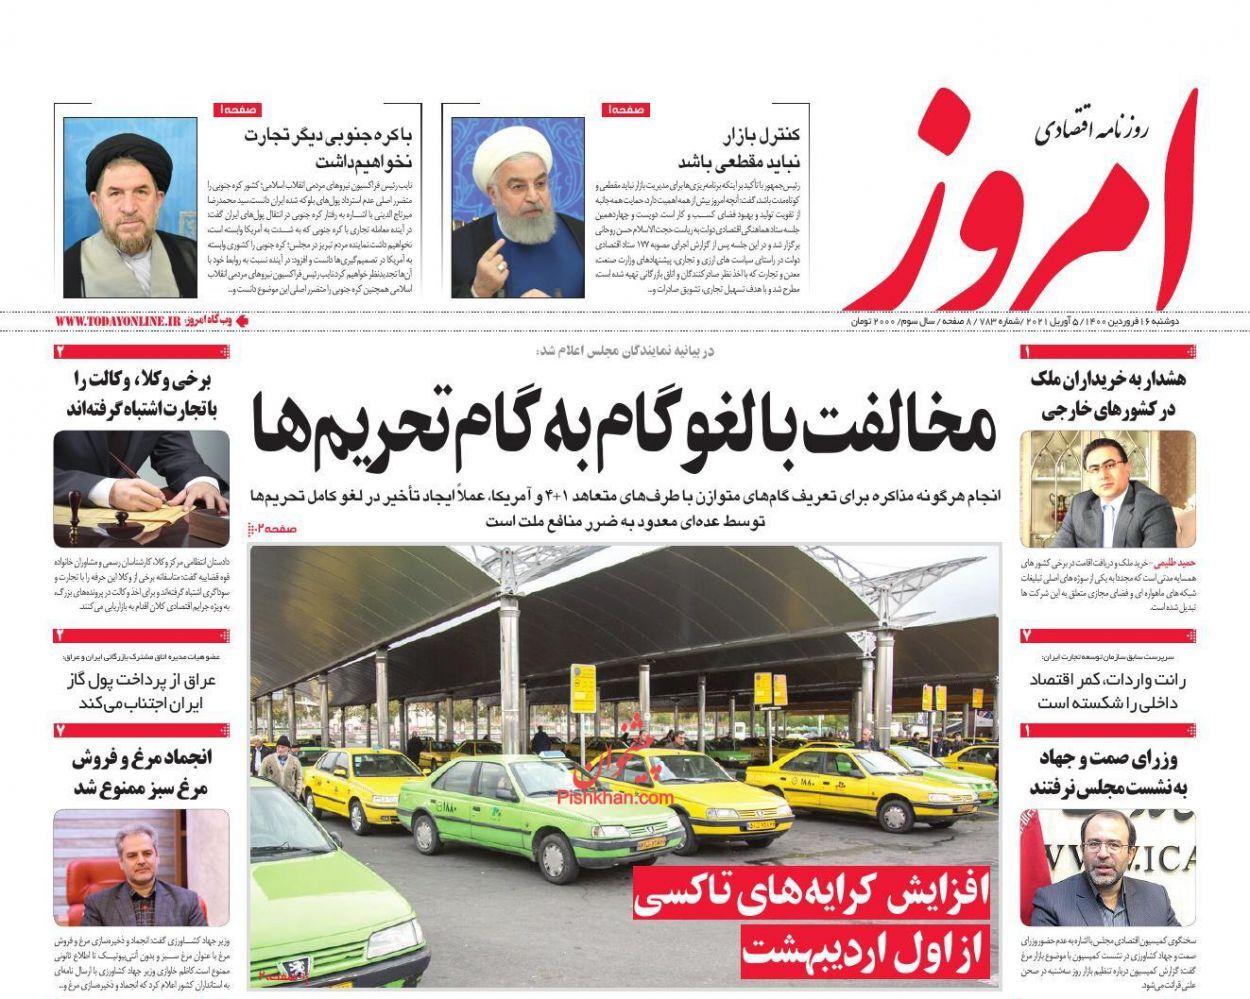 افزایش قیمت خودرو قطعی شد/ یخبندان بورس در آغاز بهار/ قیمت مسکن حباب دارد